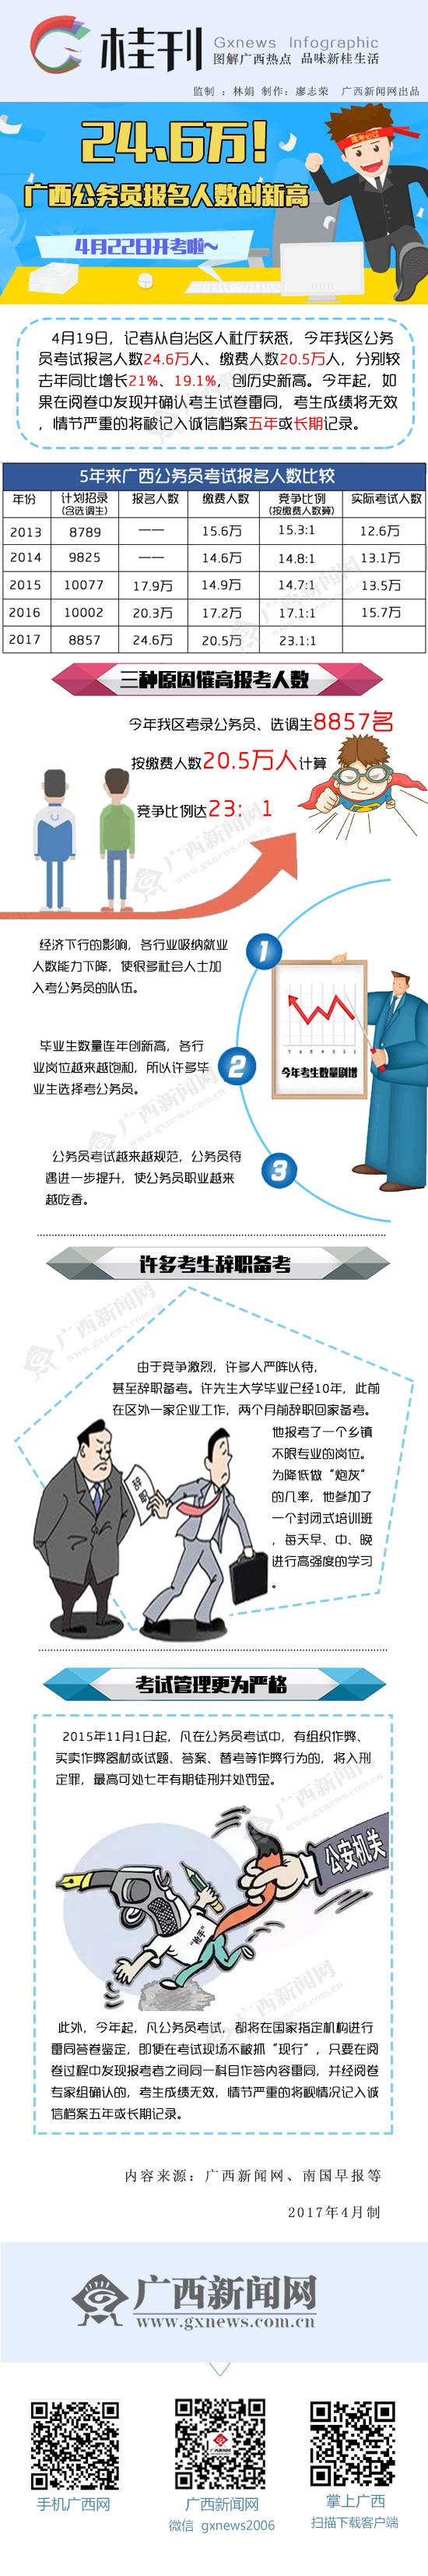 【桂刊】广西公务员报考人数创新高